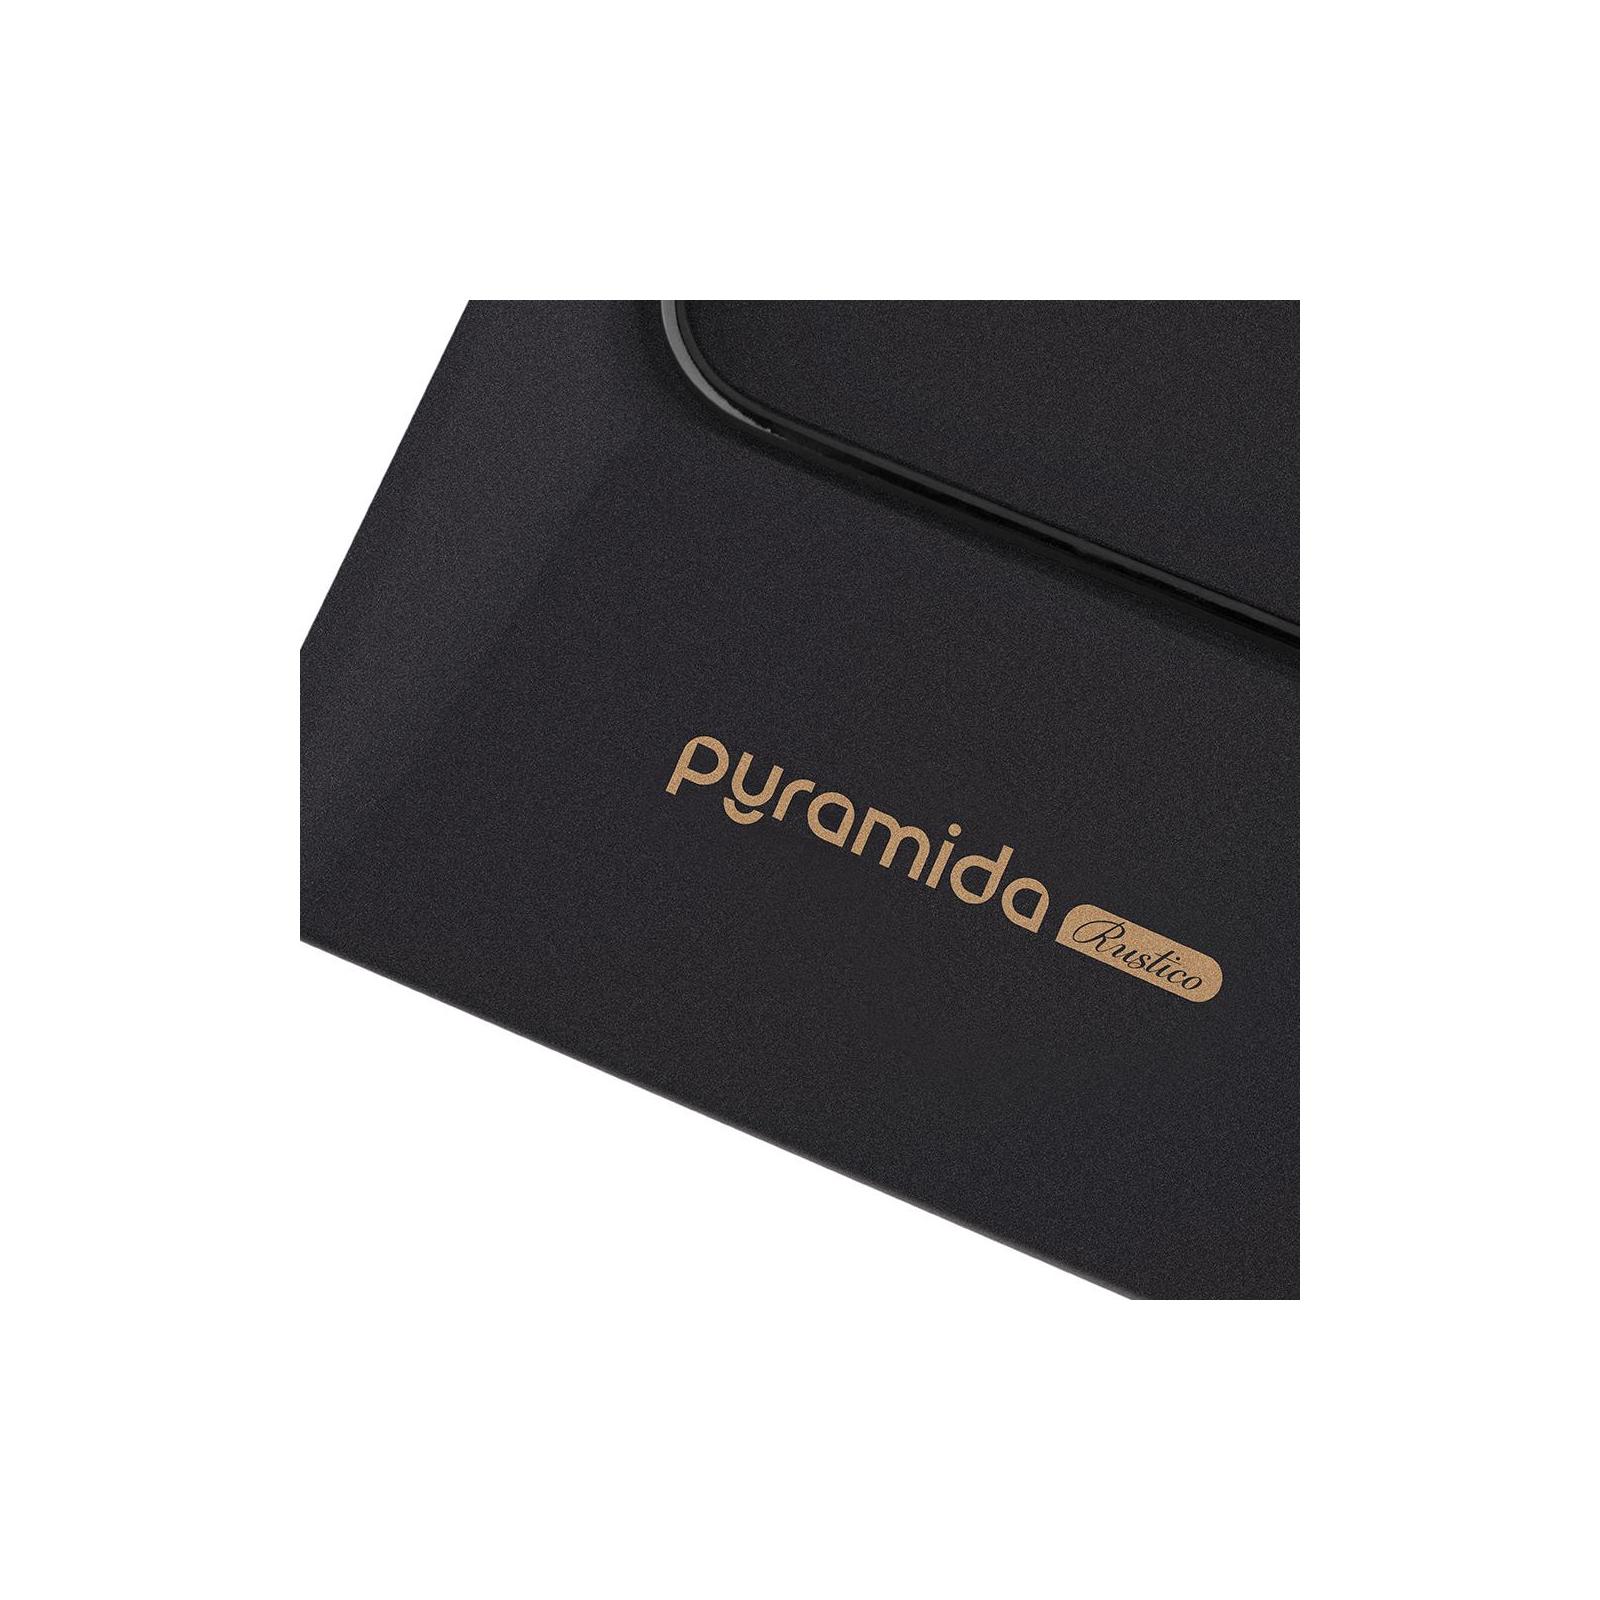 Варочная поверхность PYRAMIDA PFE 644 BLACK RUSTICO изображение 4